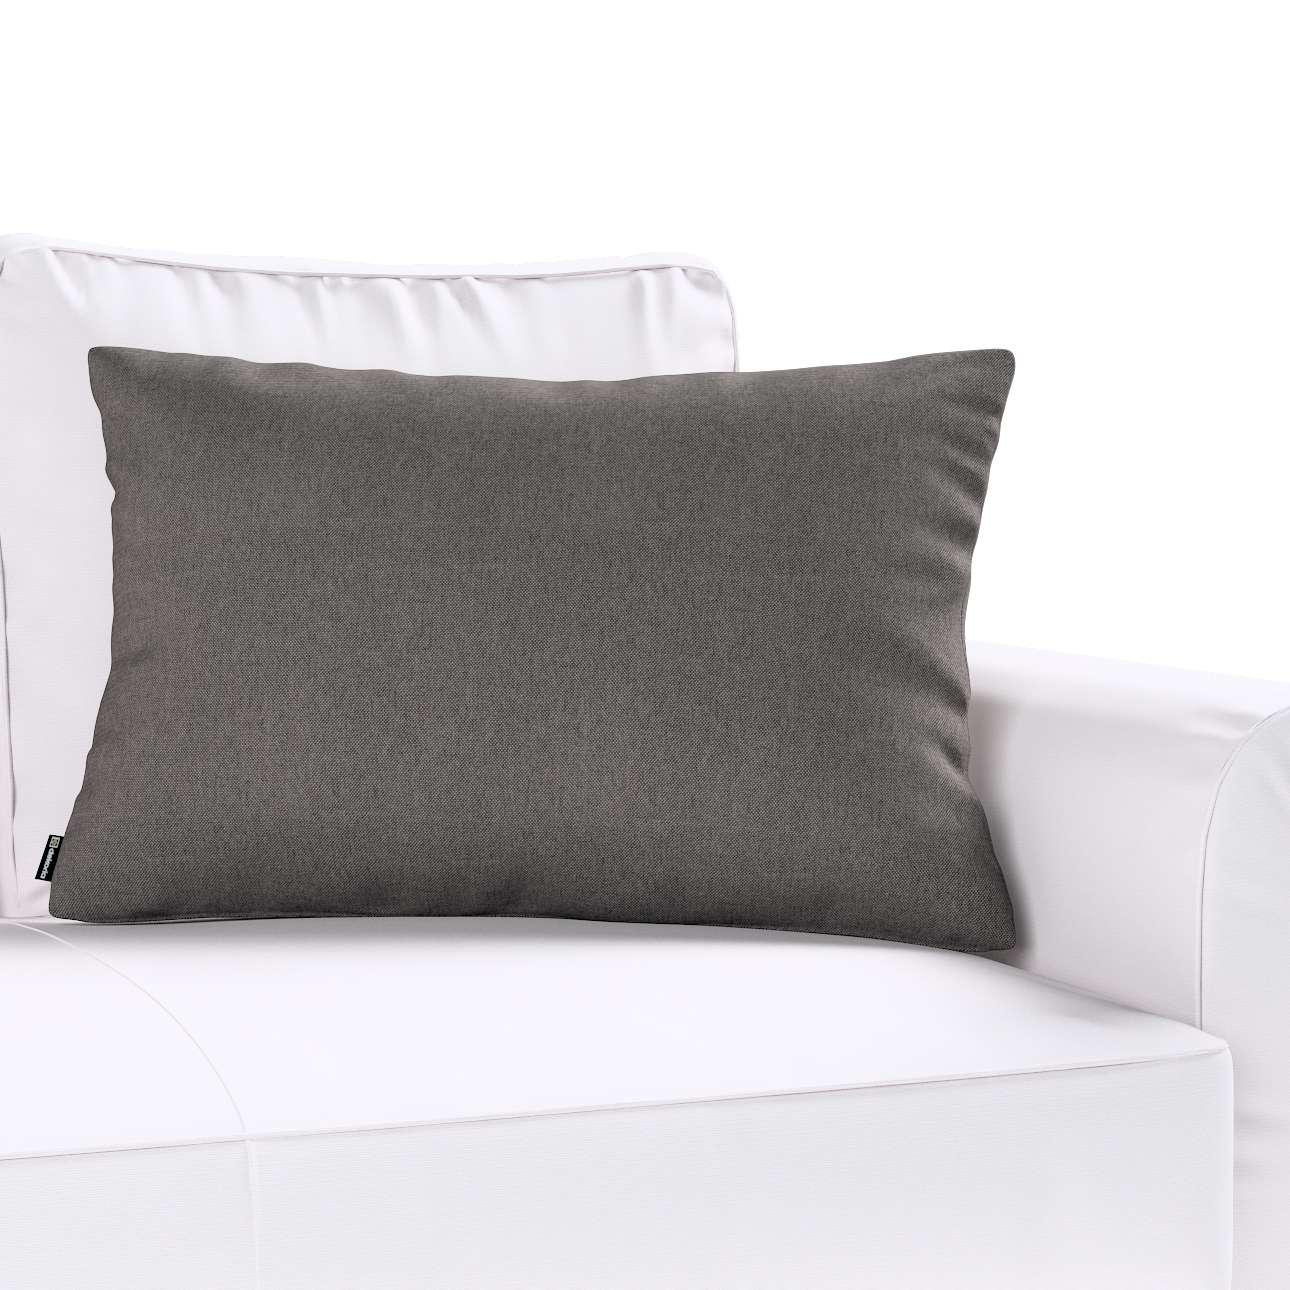 Poszewka Kinga na poduszkę prostokątną w kolekcji Etna , tkanina: 705-35